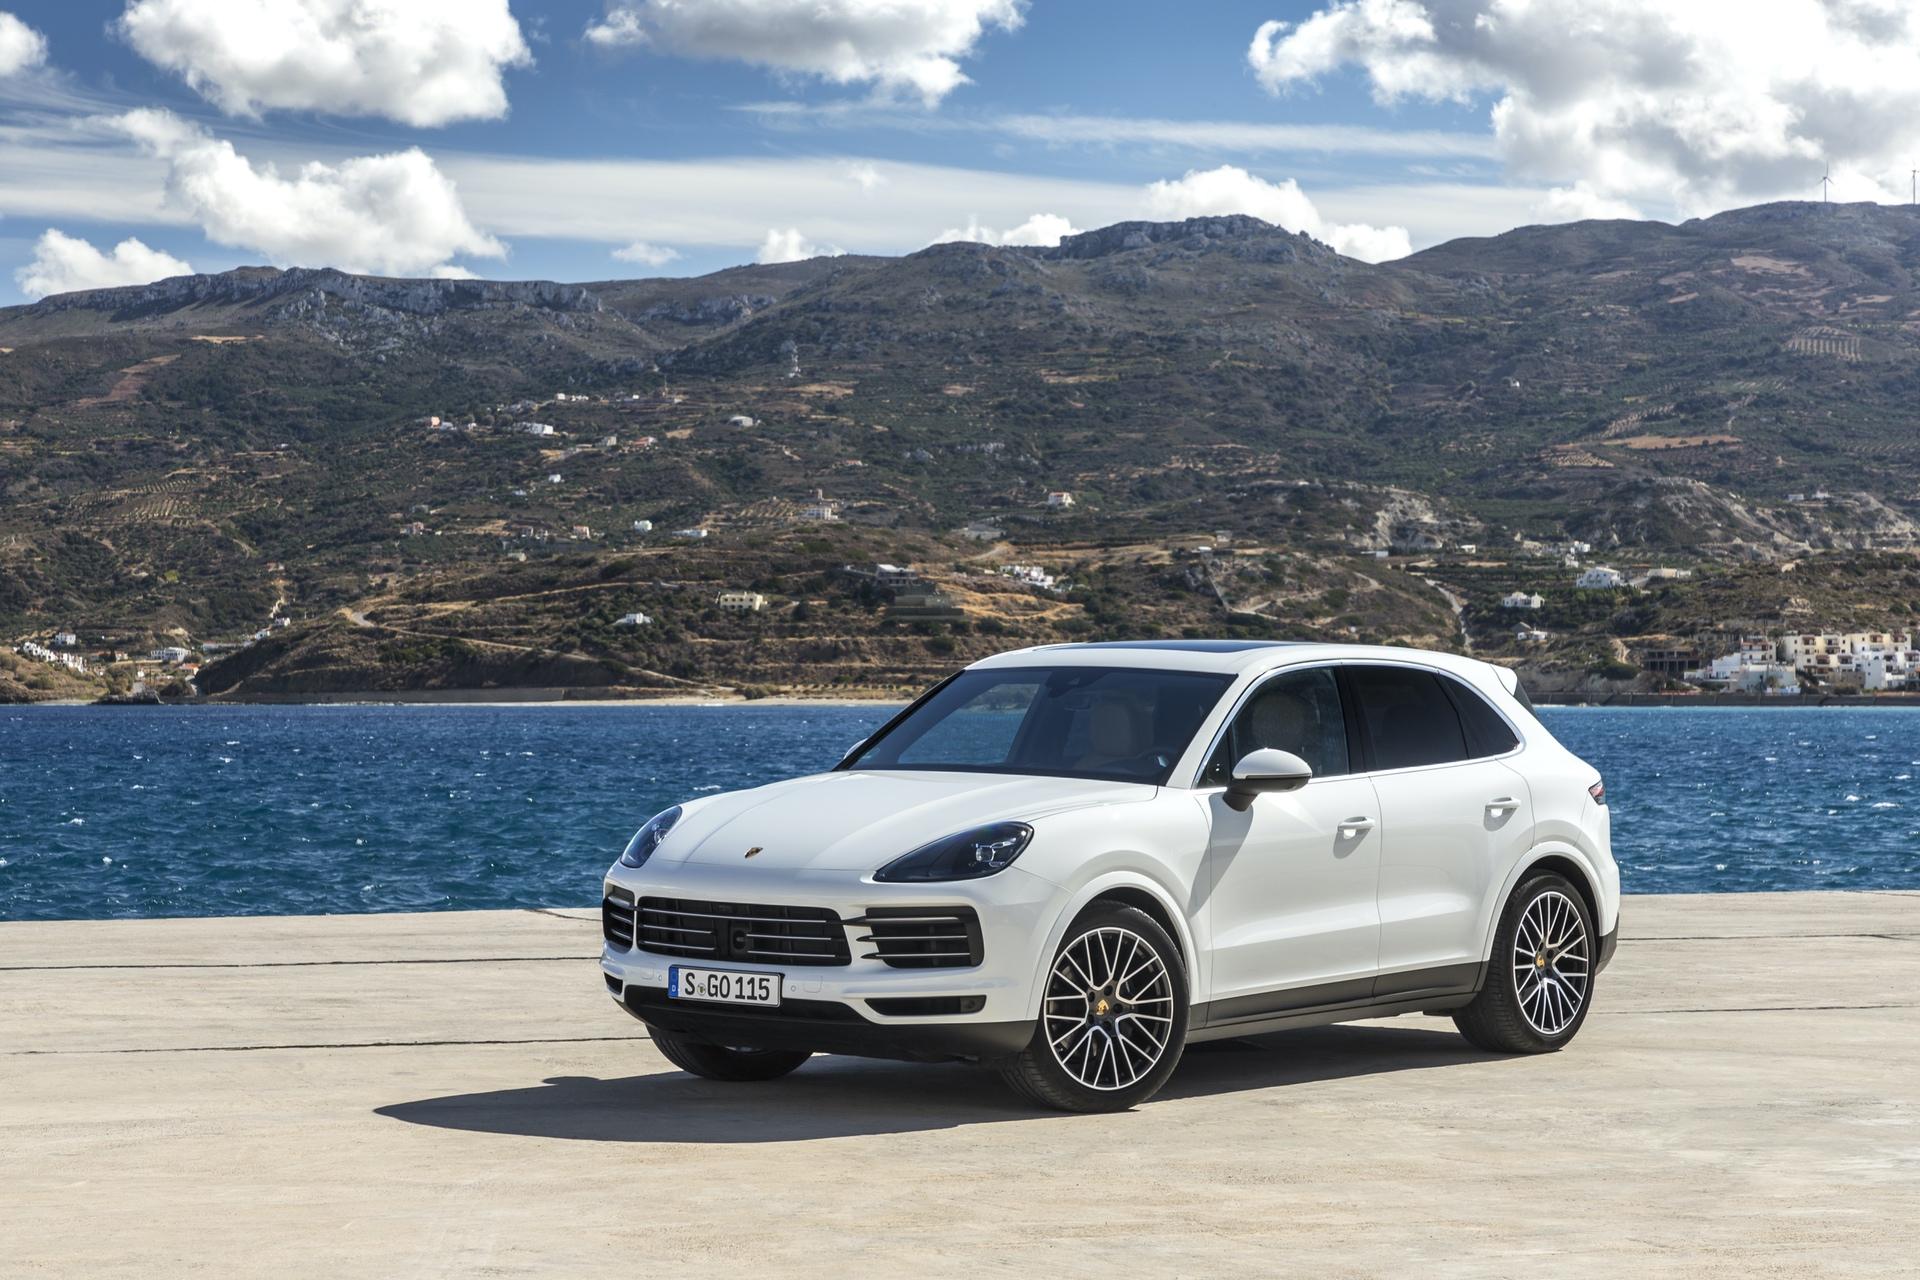 Test_Drive_Porsche_Cayenne_343